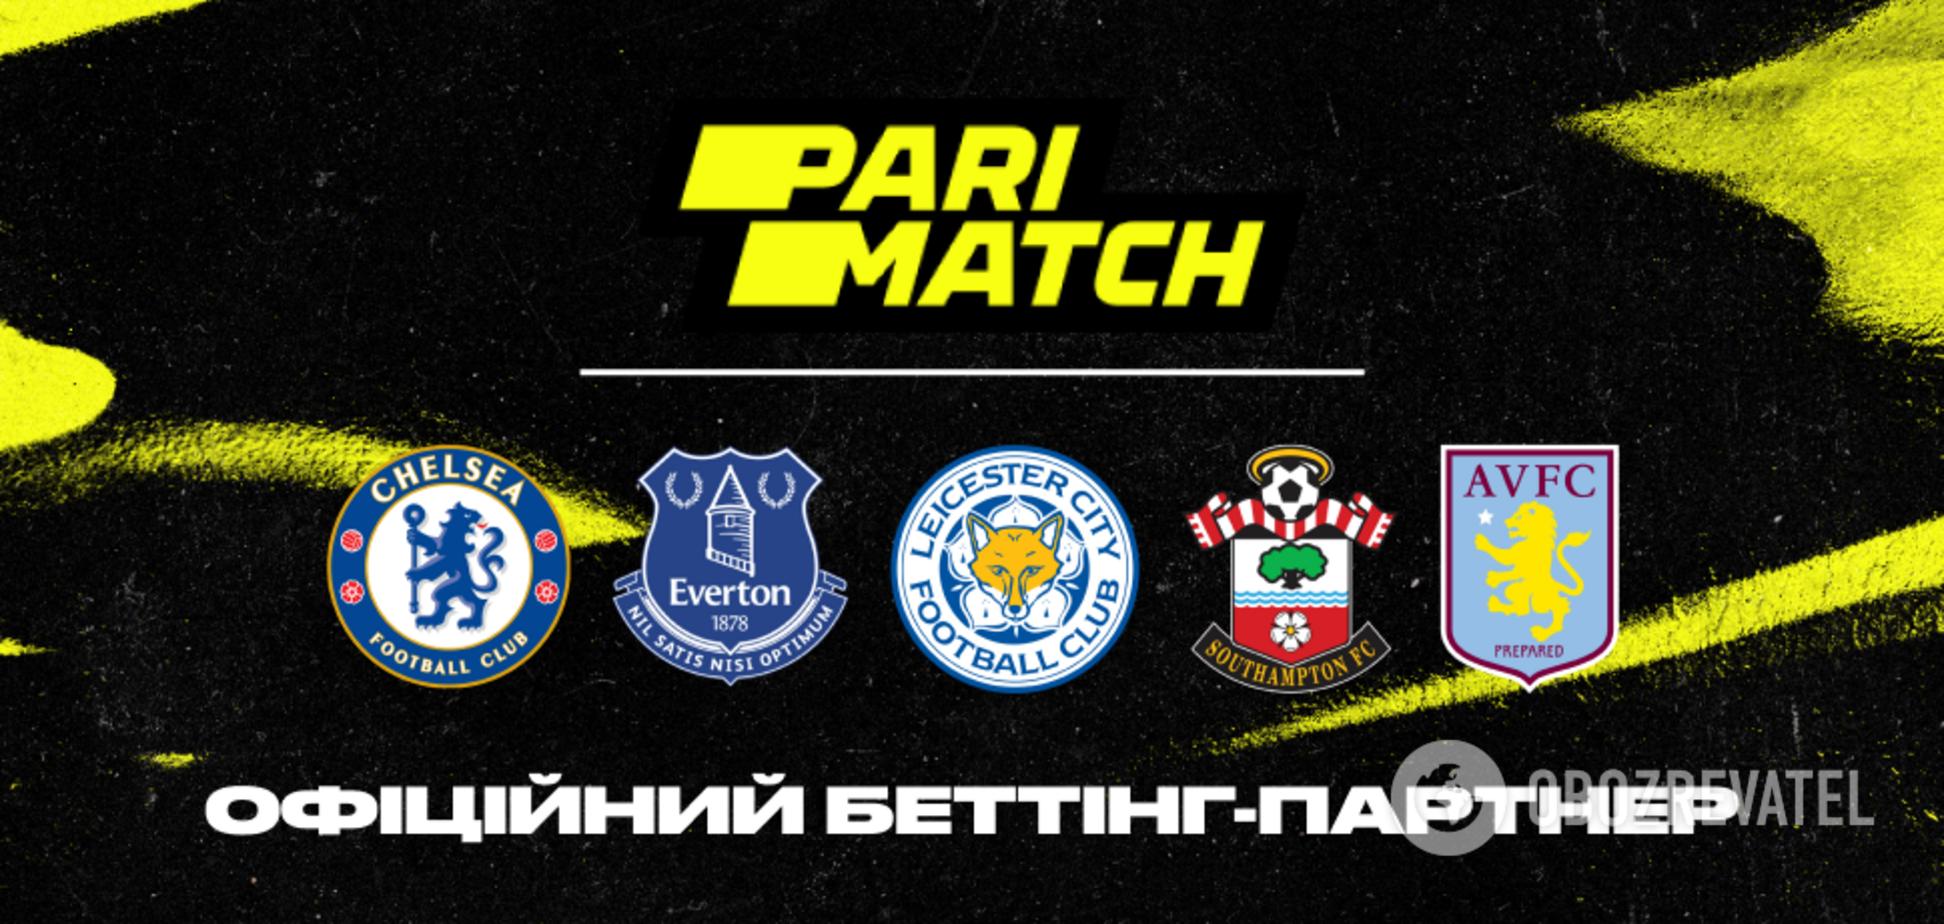 Parimatch анонсує партнерство з шістьма провідними футбольним клубами АПЛ